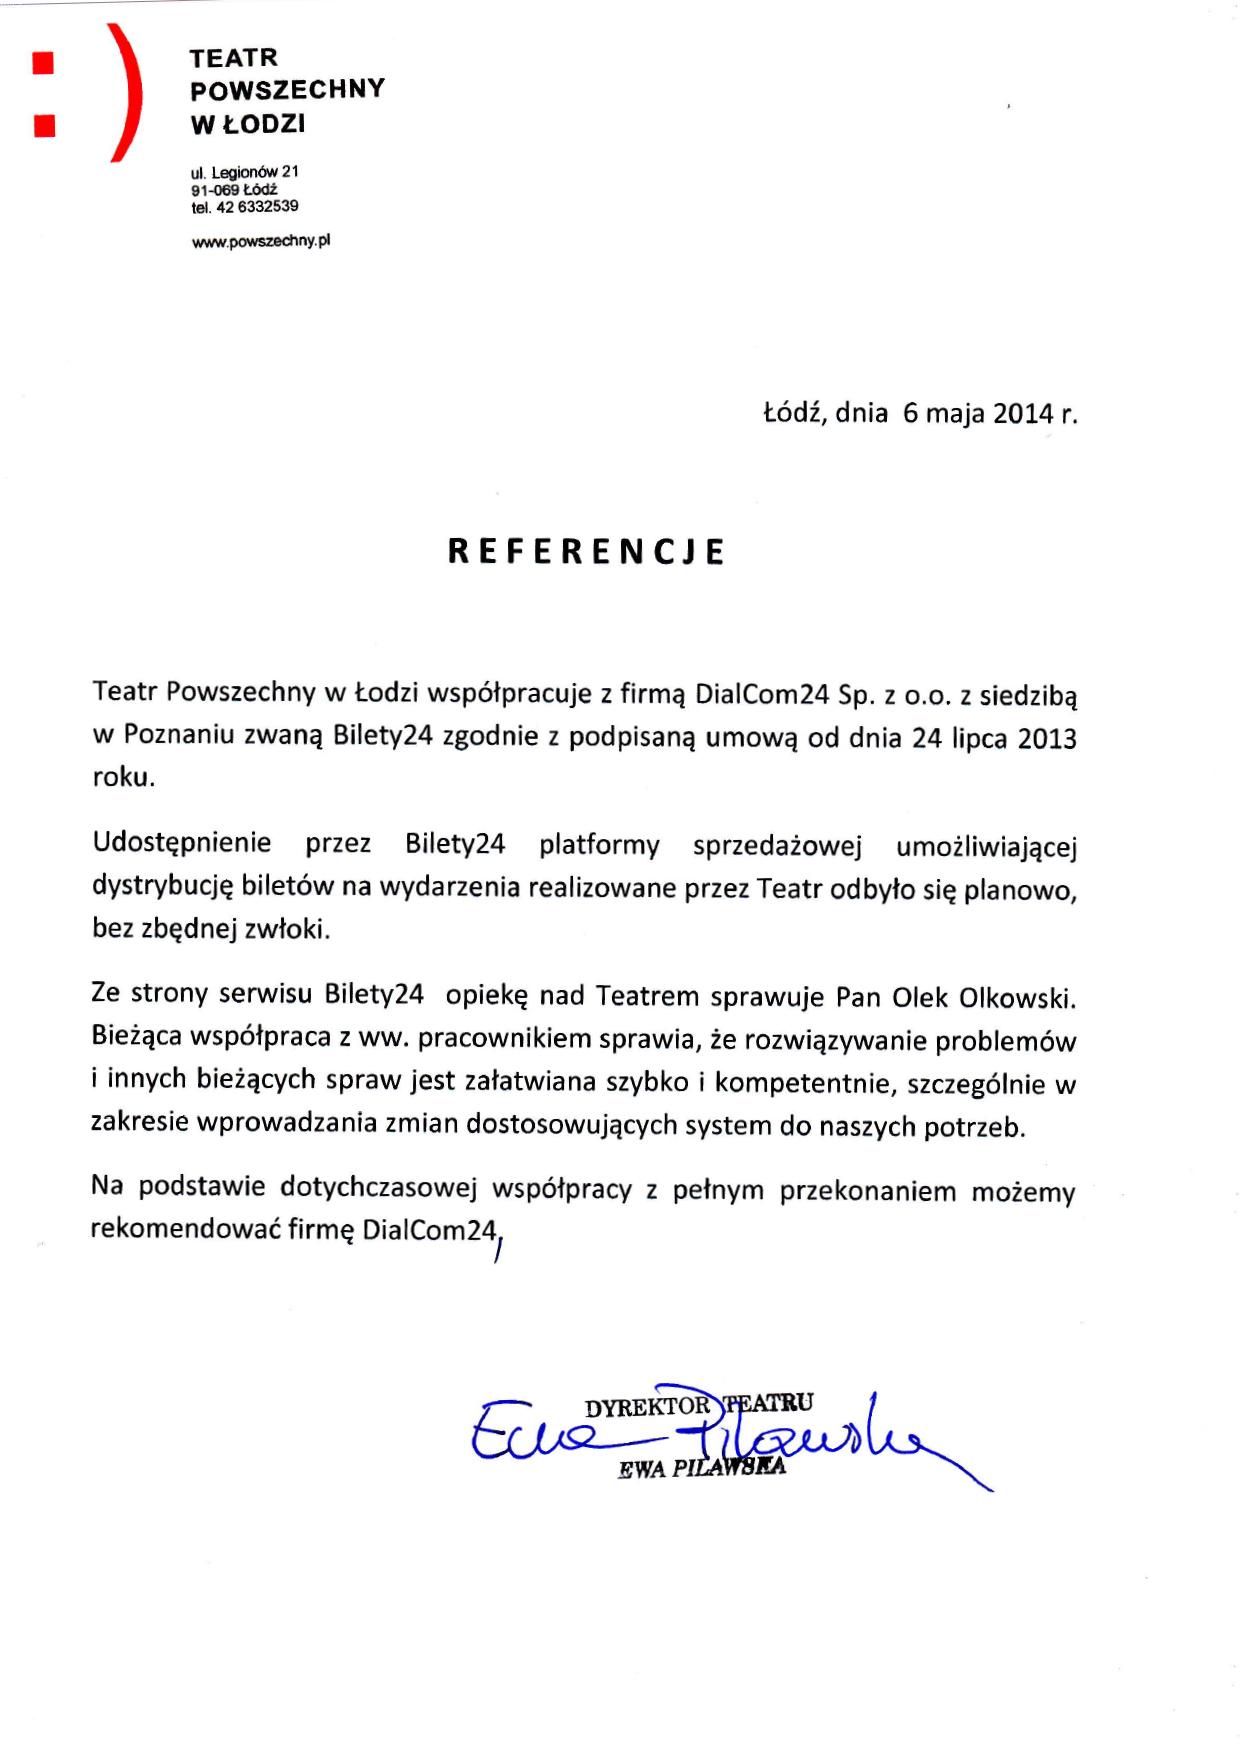 System biletowy Bilety24 - referencje od Teatr Powszechny w Łodzi